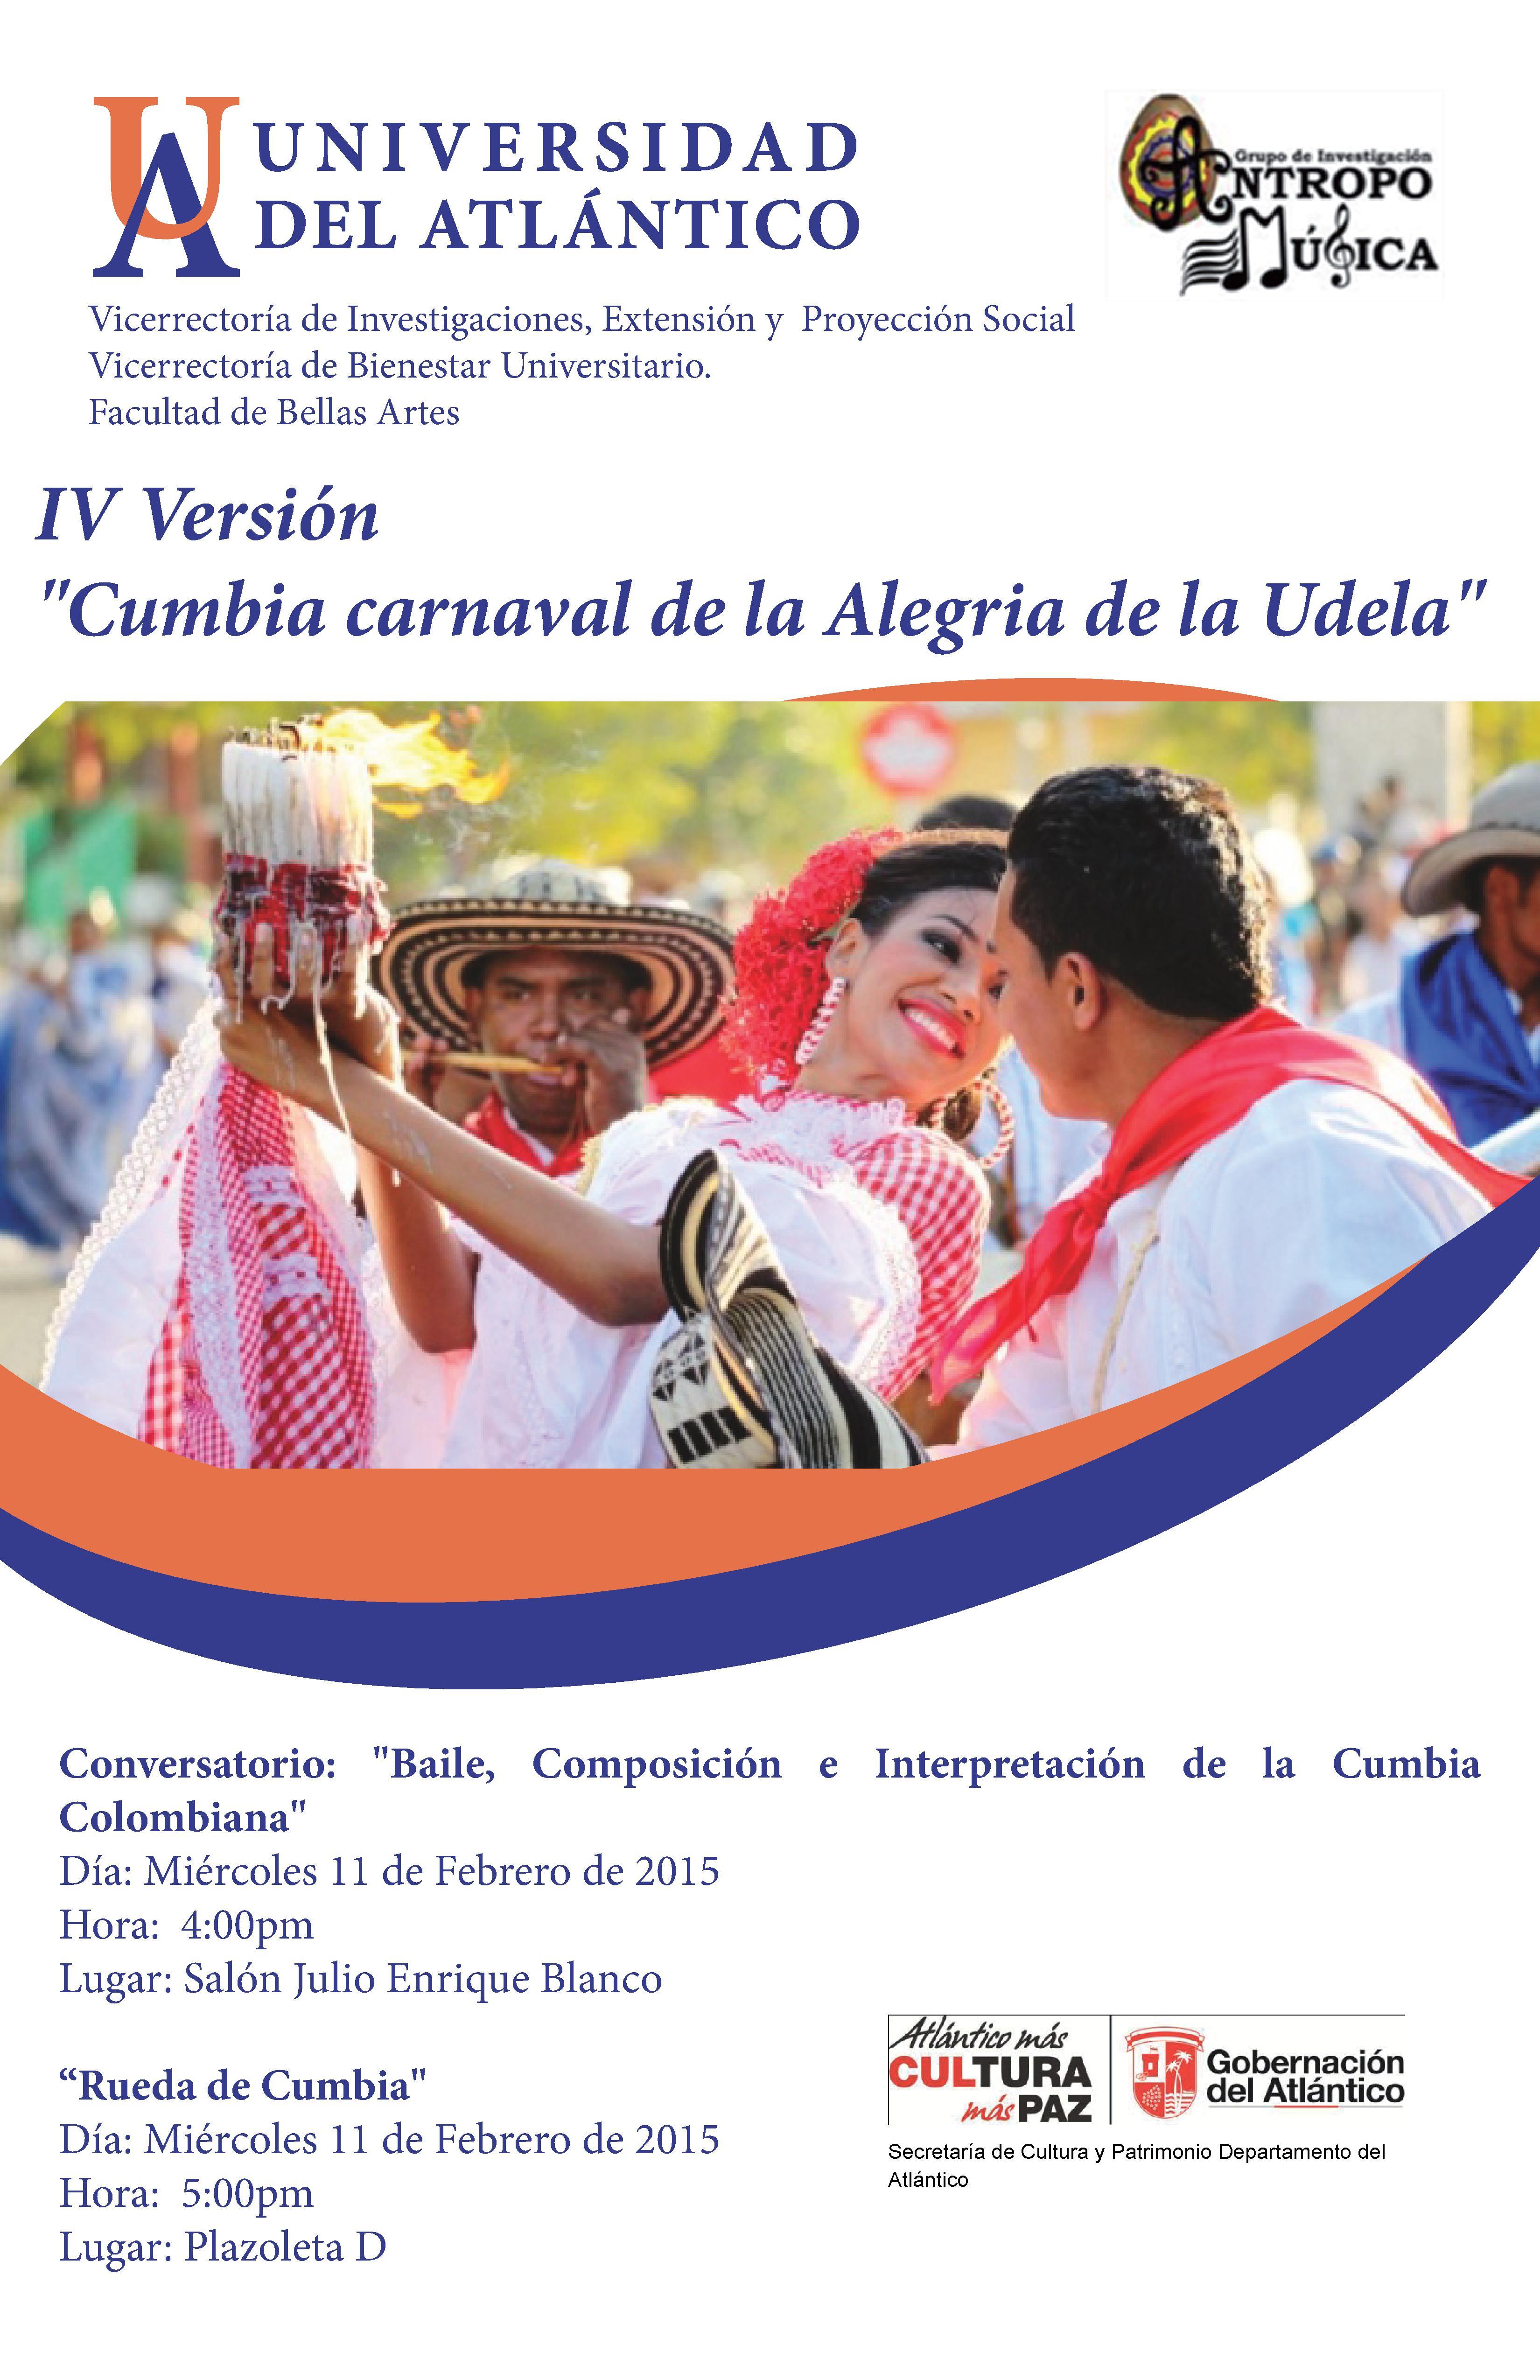 AficheCumbia2015ai